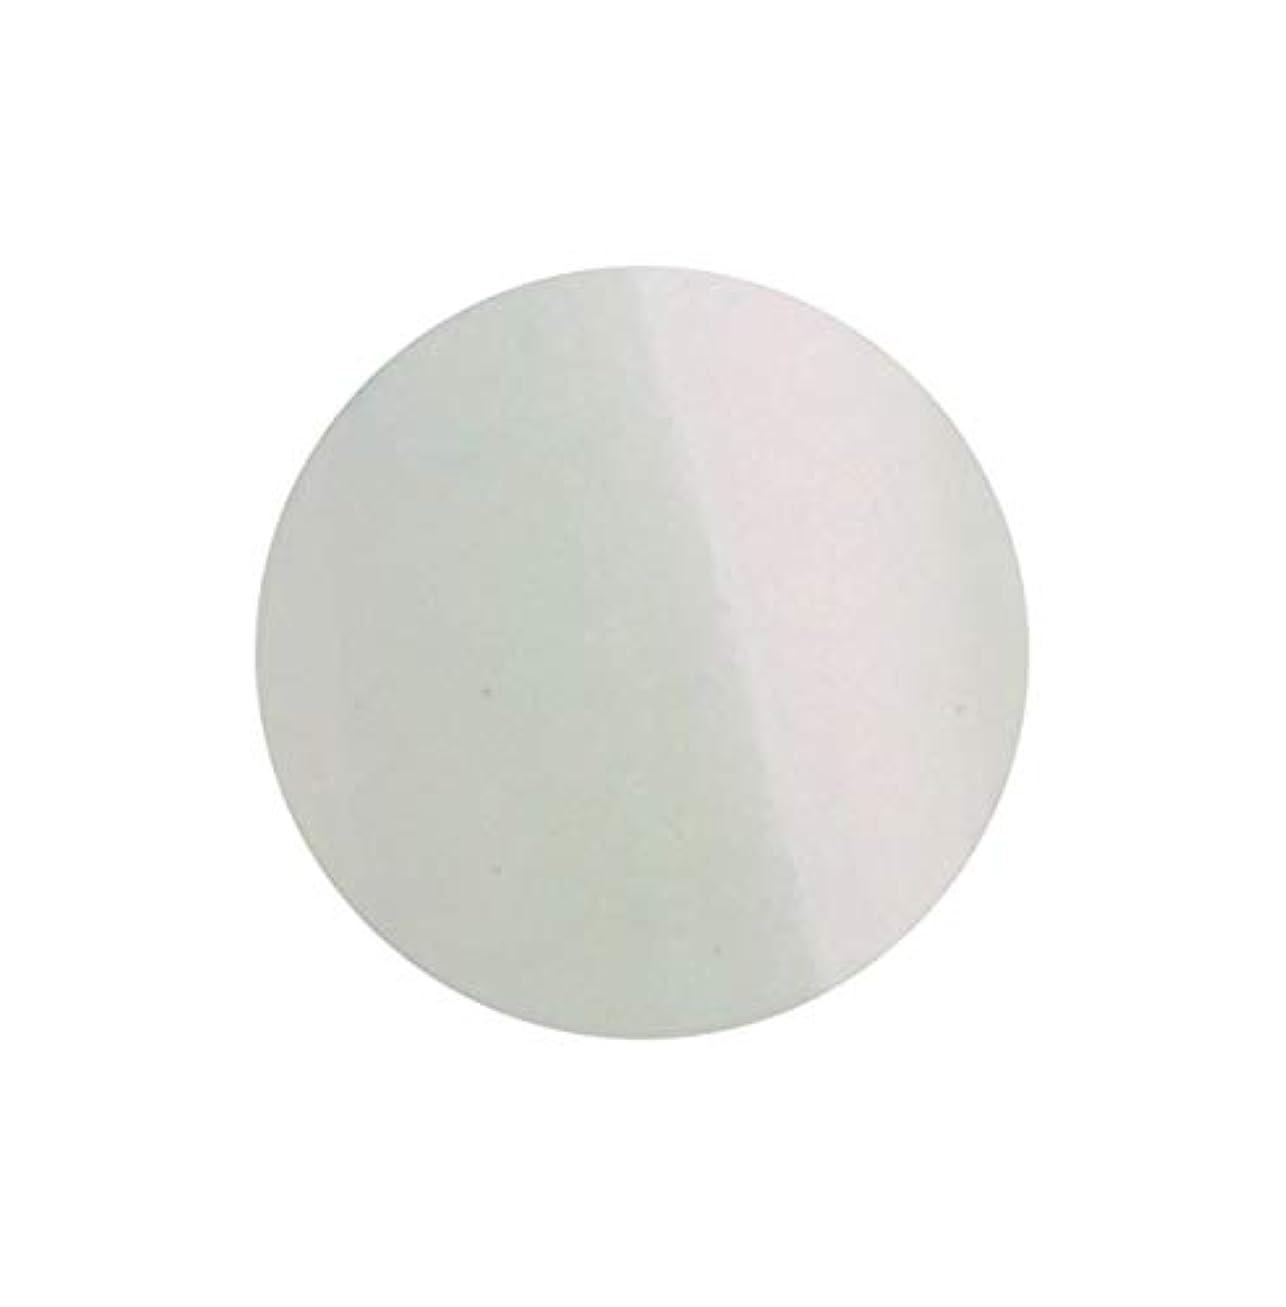 安らぎ麻痺させる相対的SHAREYDVA シャレドワ+ ネイルカラー No.27 オーロラ